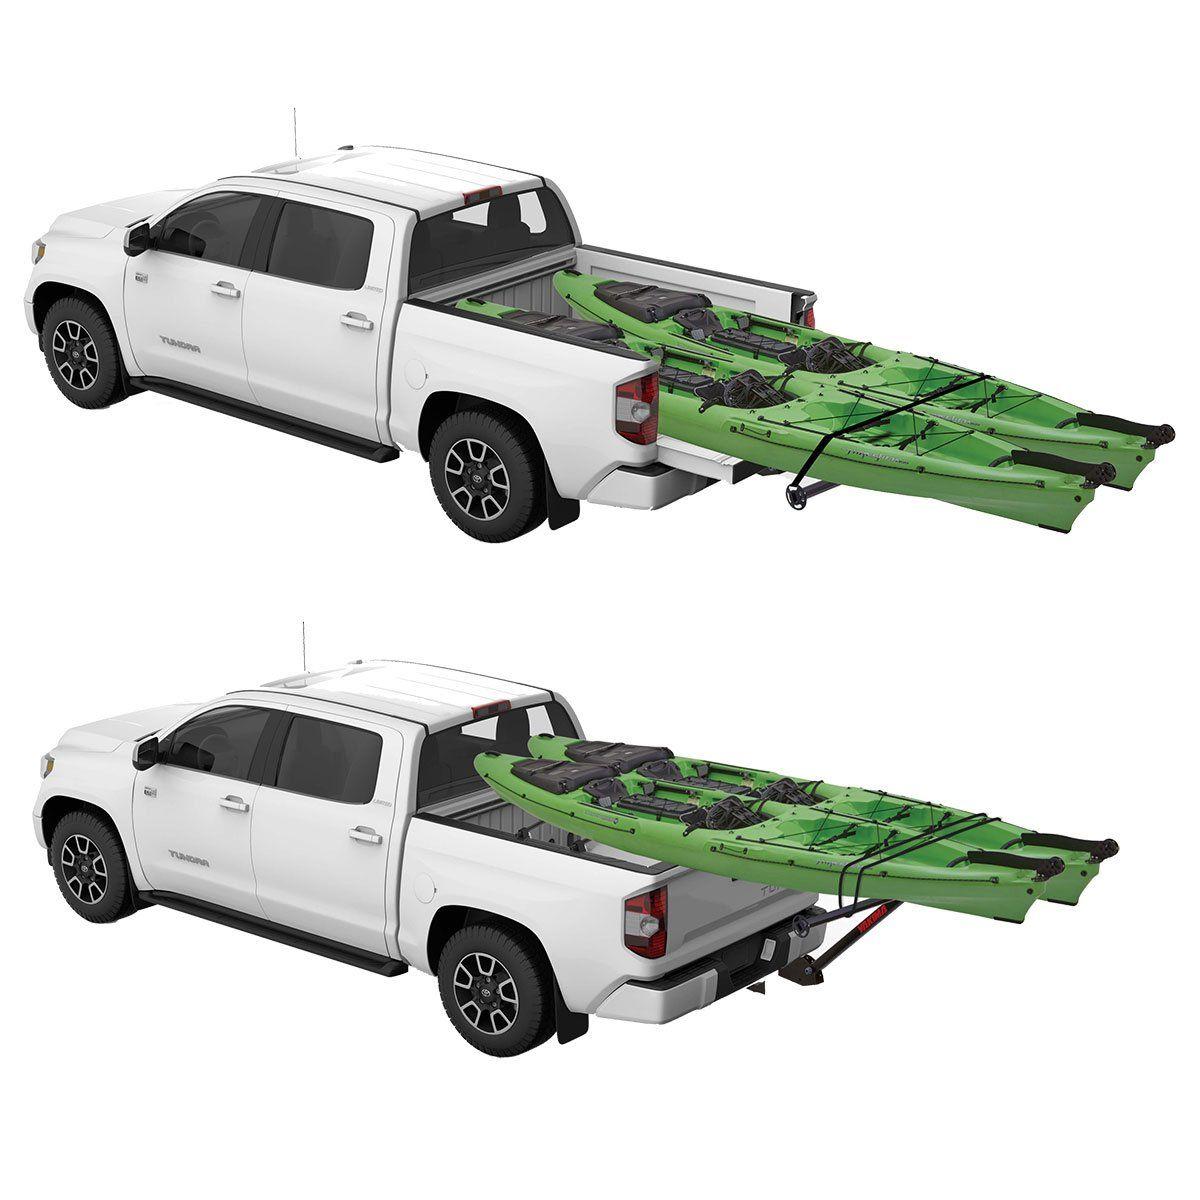 Canoe Rack ** Yakima LongArm Pickup Truck Bed Extender